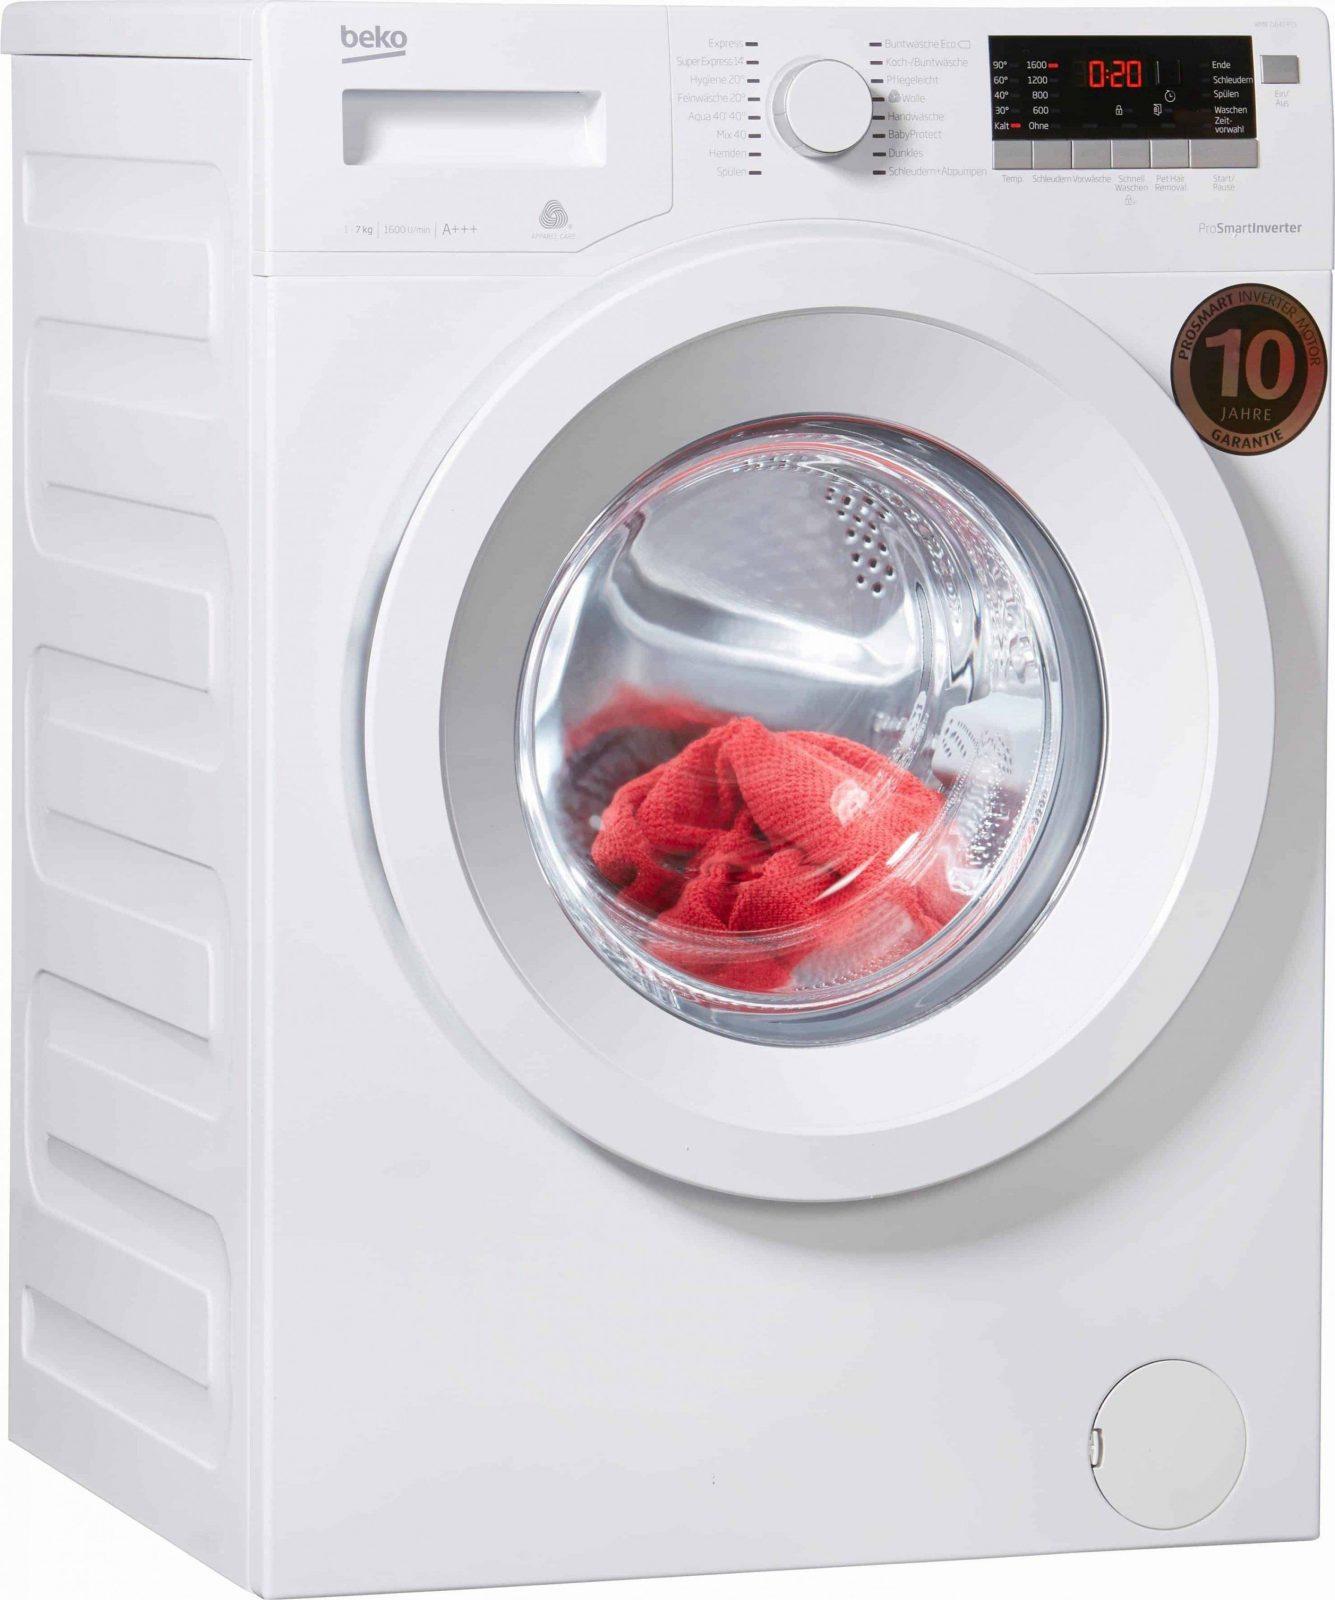 Beko Wmb 71643 Pts Waschmaschine Im Test 2018 von Beko Wml 51431 E Test Photo